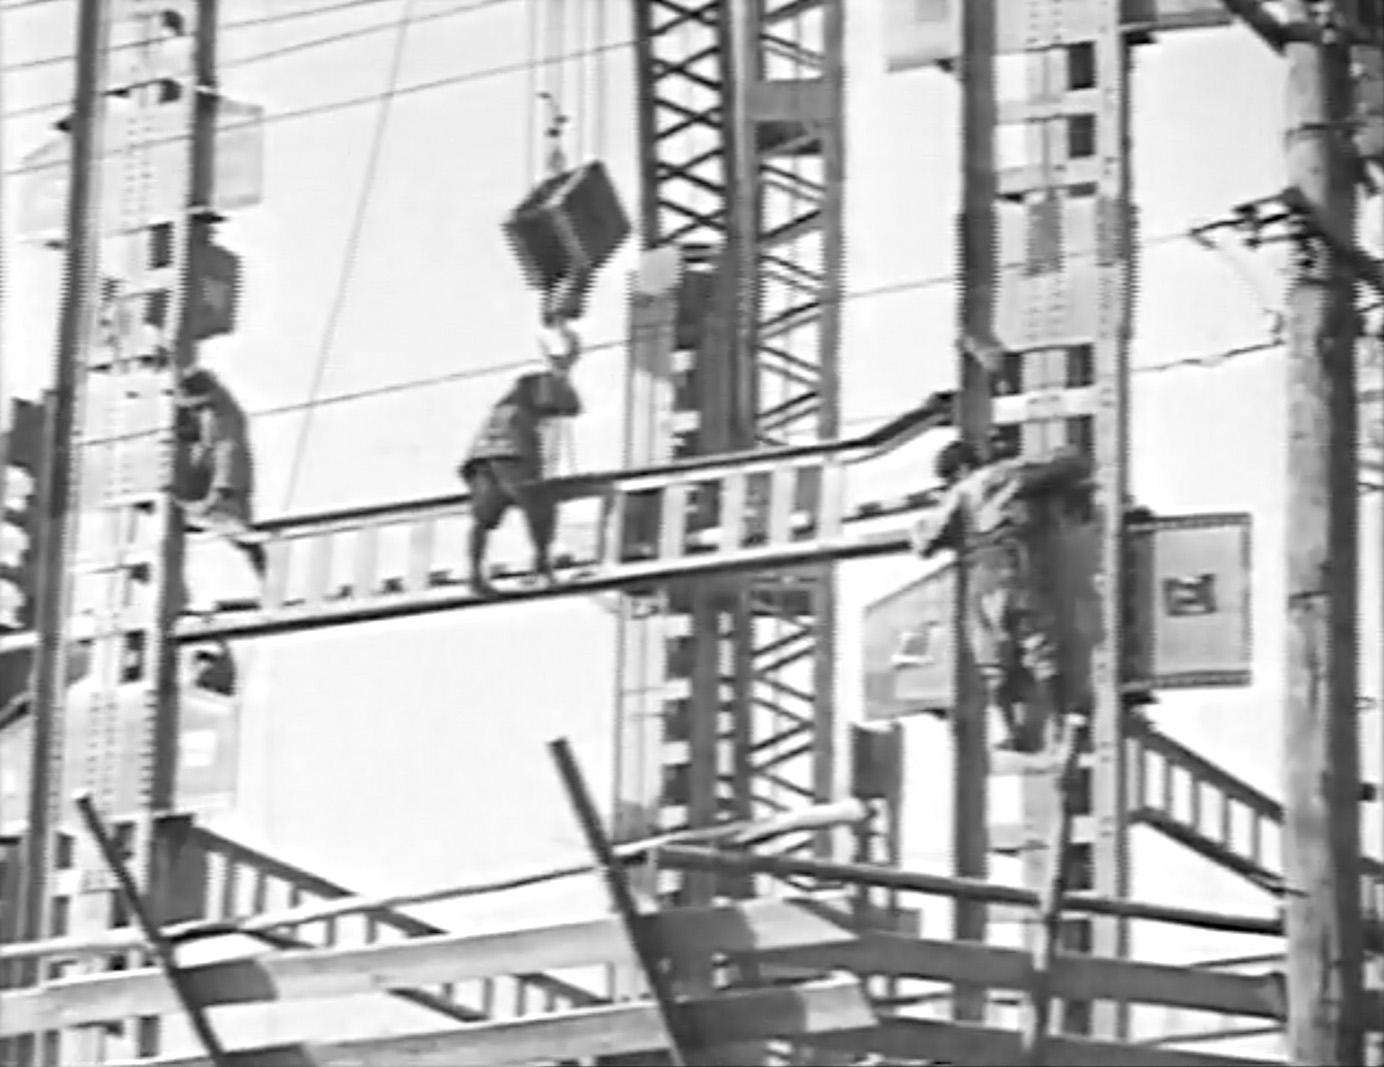 「大阪瓦斯ビルディング 建設の記録」(1933年、株式会社大林組所蔵)スチル